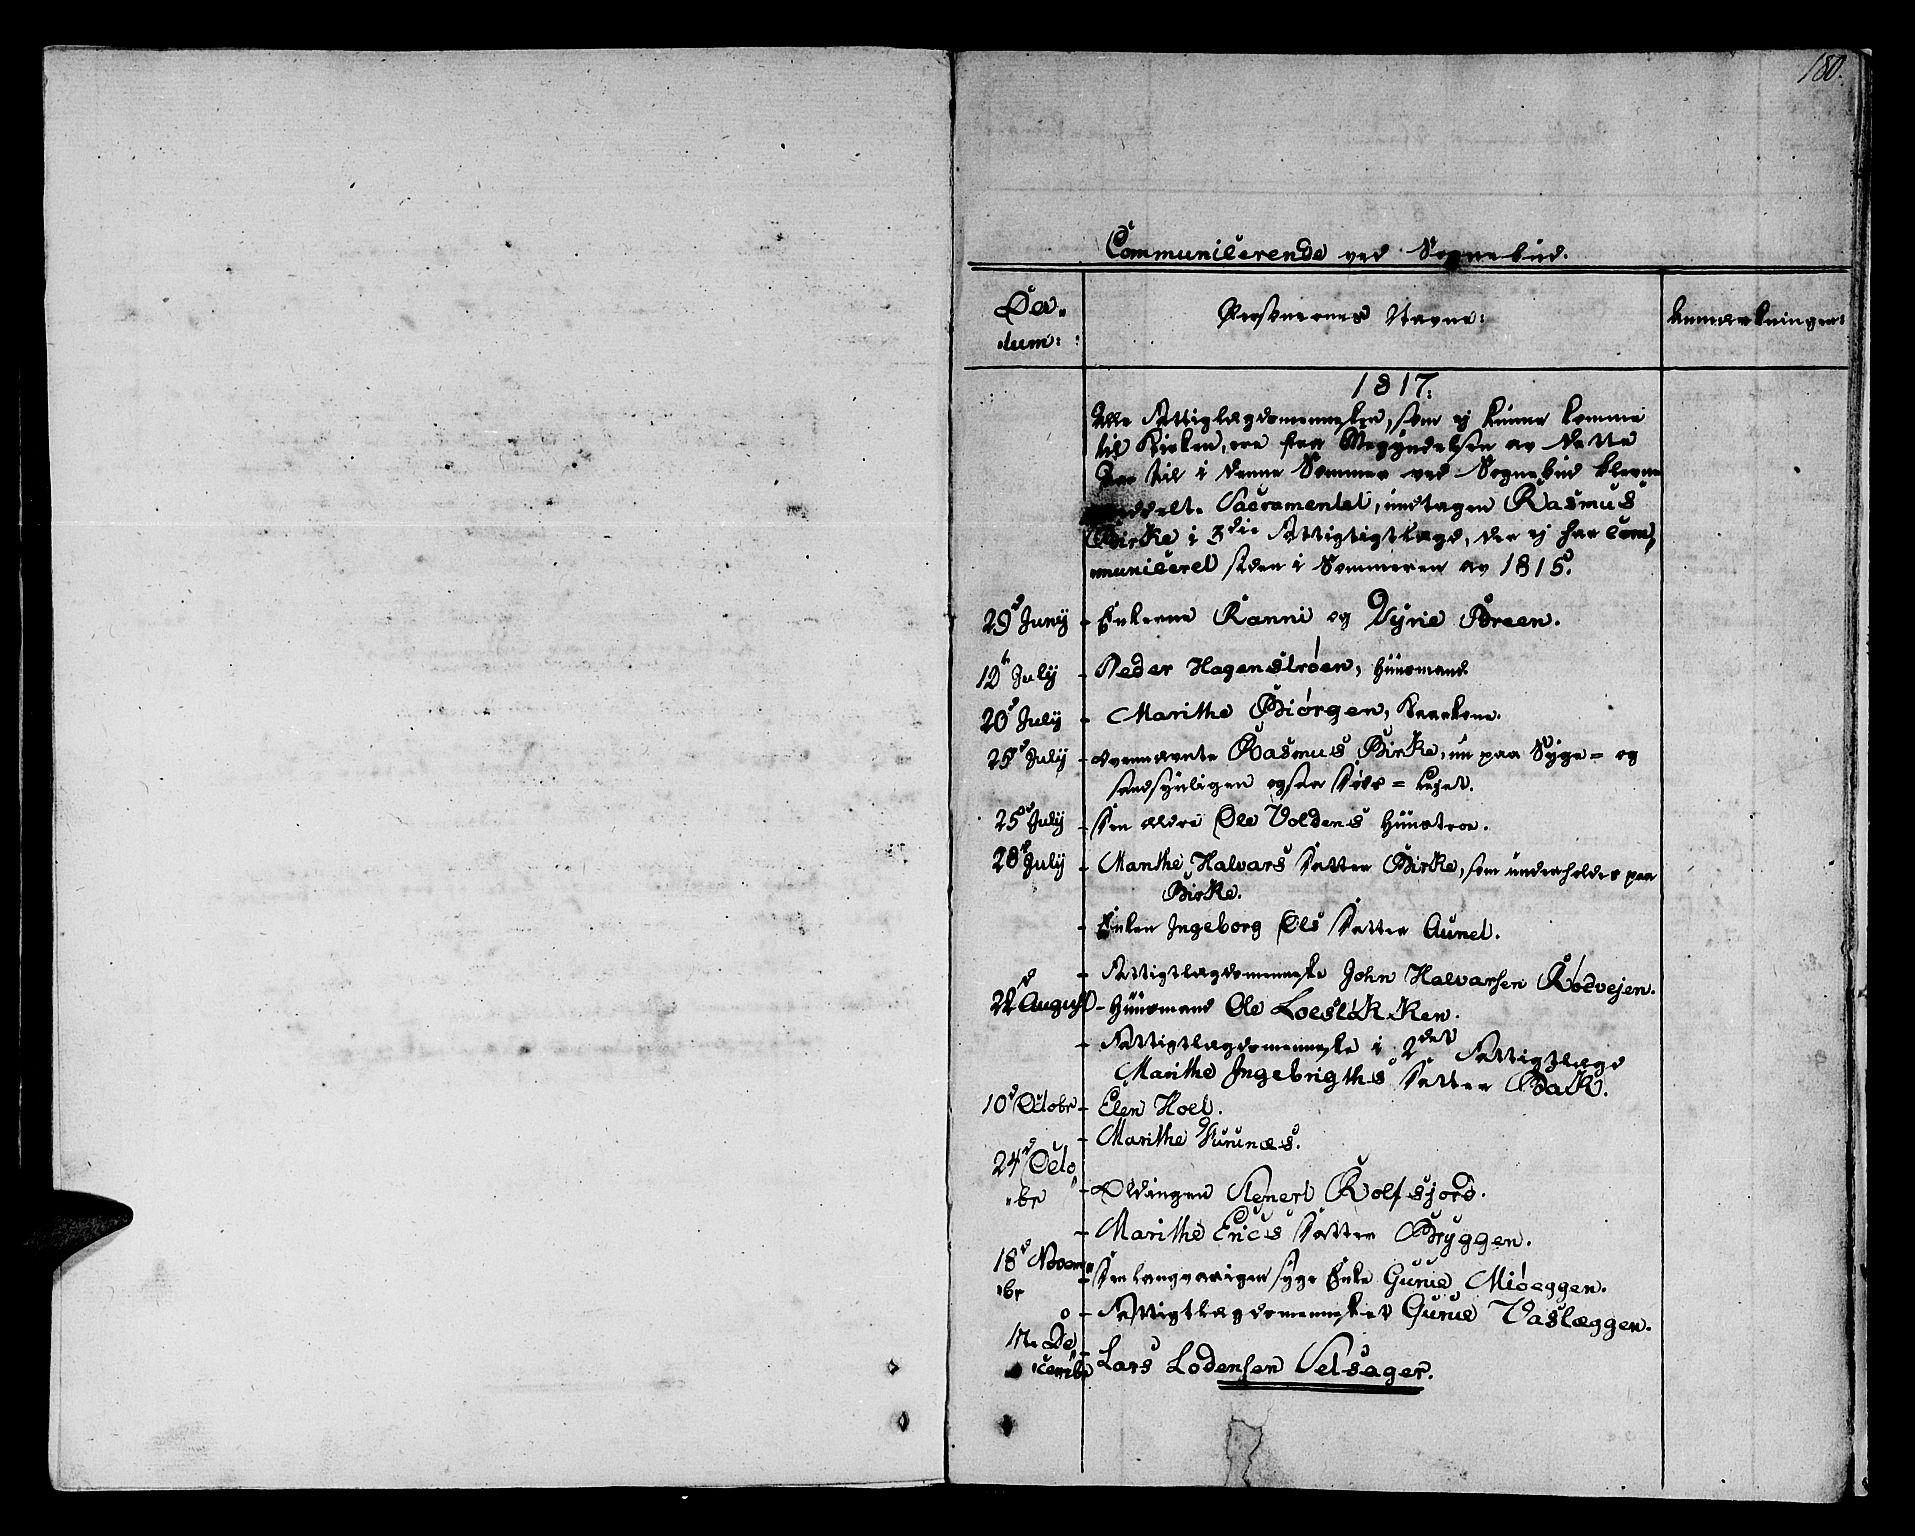 SAT, Ministerialprotokoller, klokkerbøker og fødselsregistre - Sør-Trøndelag, 678/L0894: Ministerialbok nr. 678A04, 1806-1815, s. 180